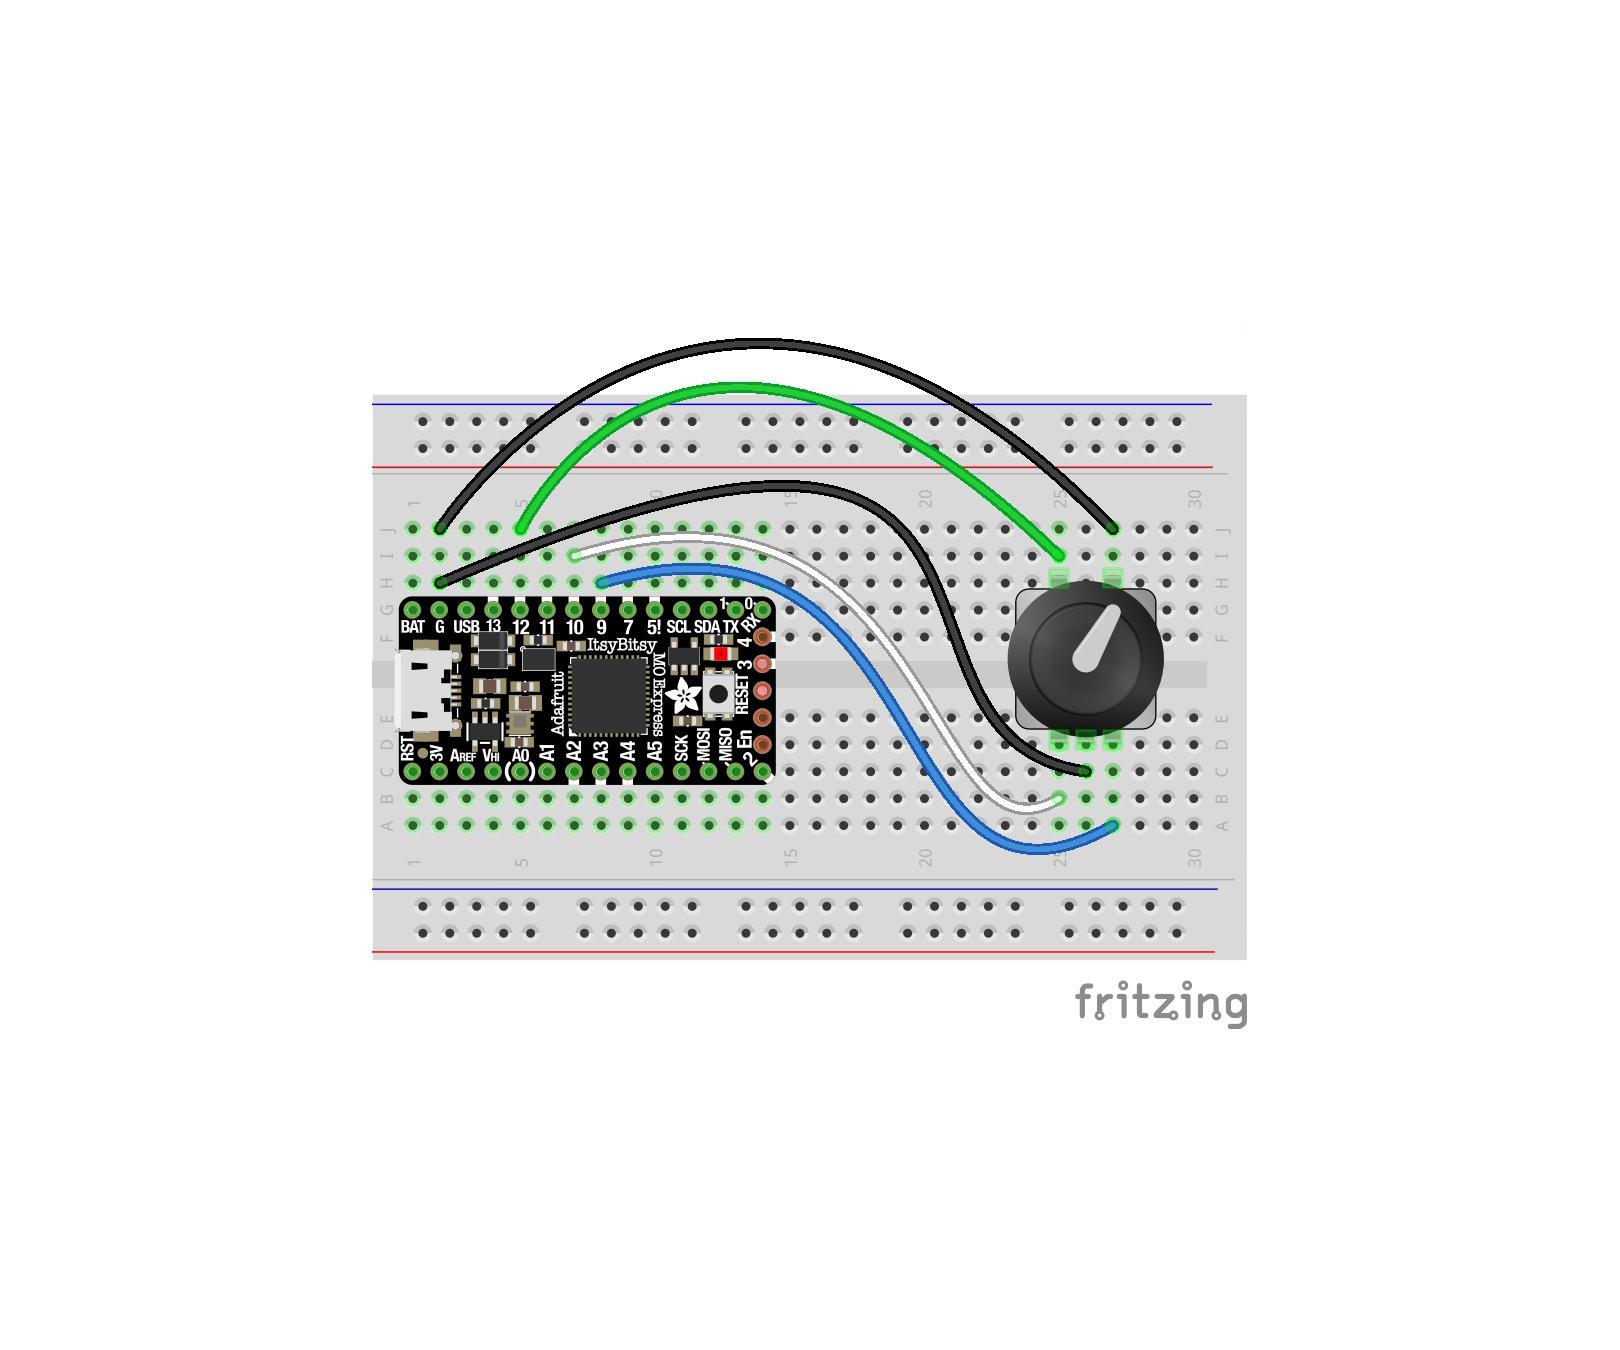 micropython___circuitpython_ItsyBitsyM0RotaryEncoder_bb.jpg